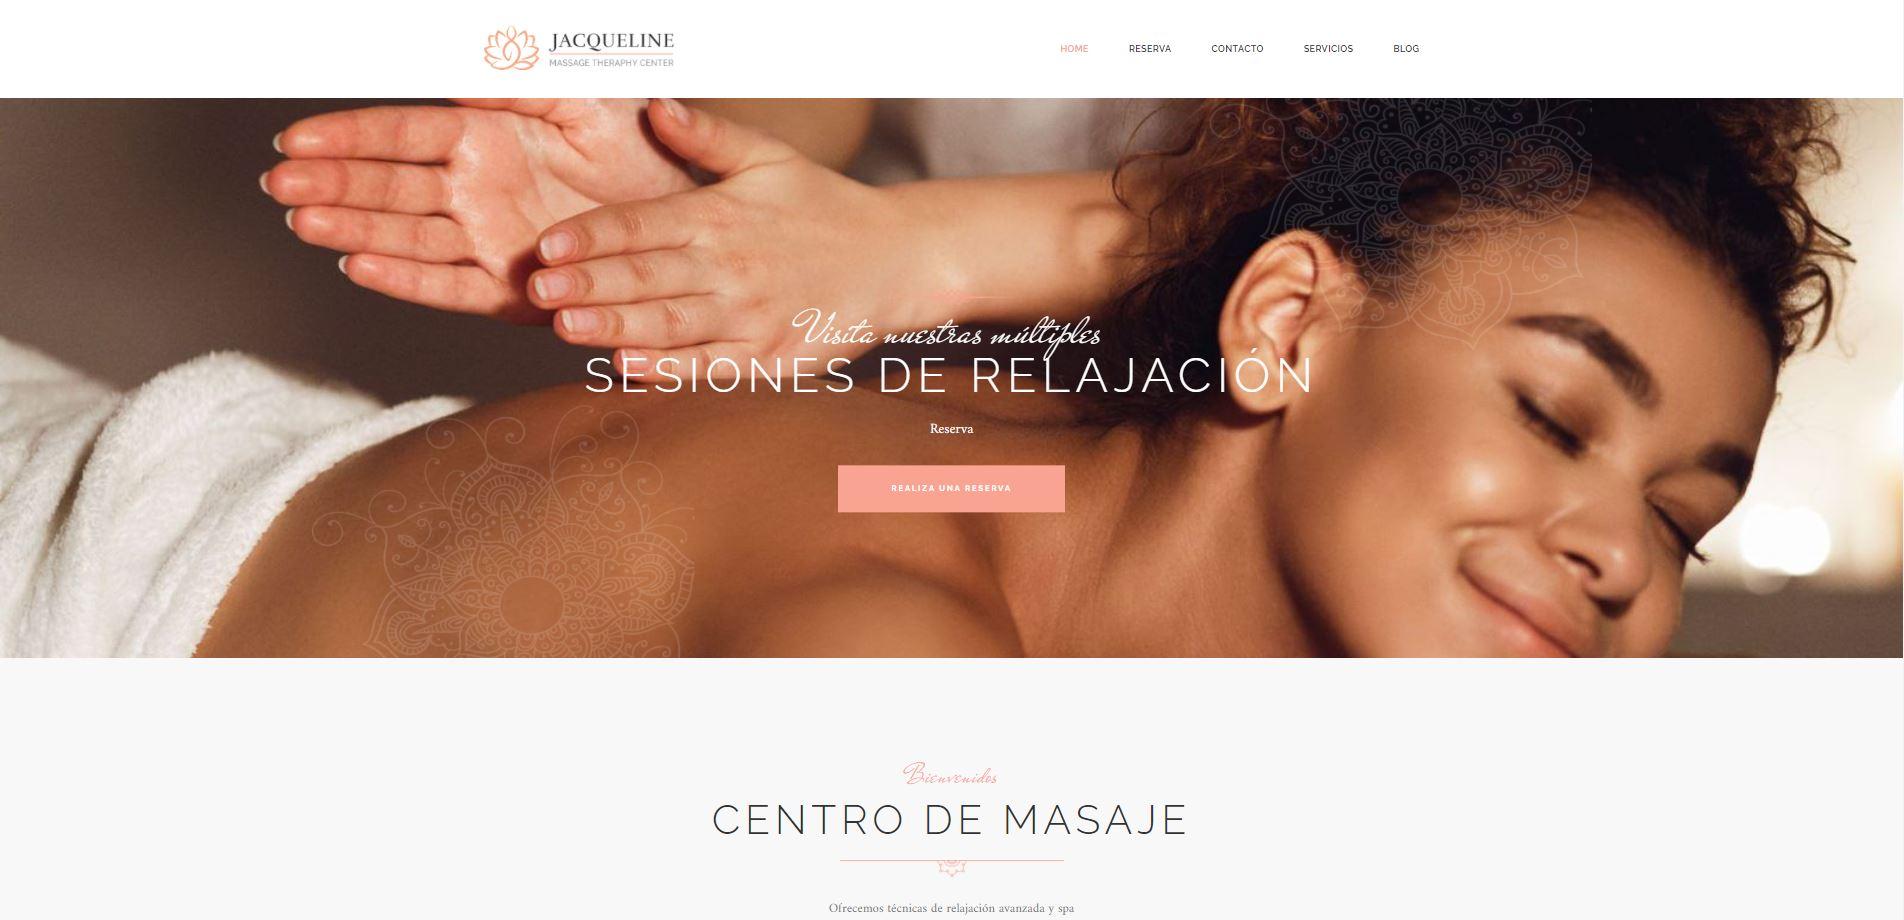 Diseño web masajista bonito y cuidado